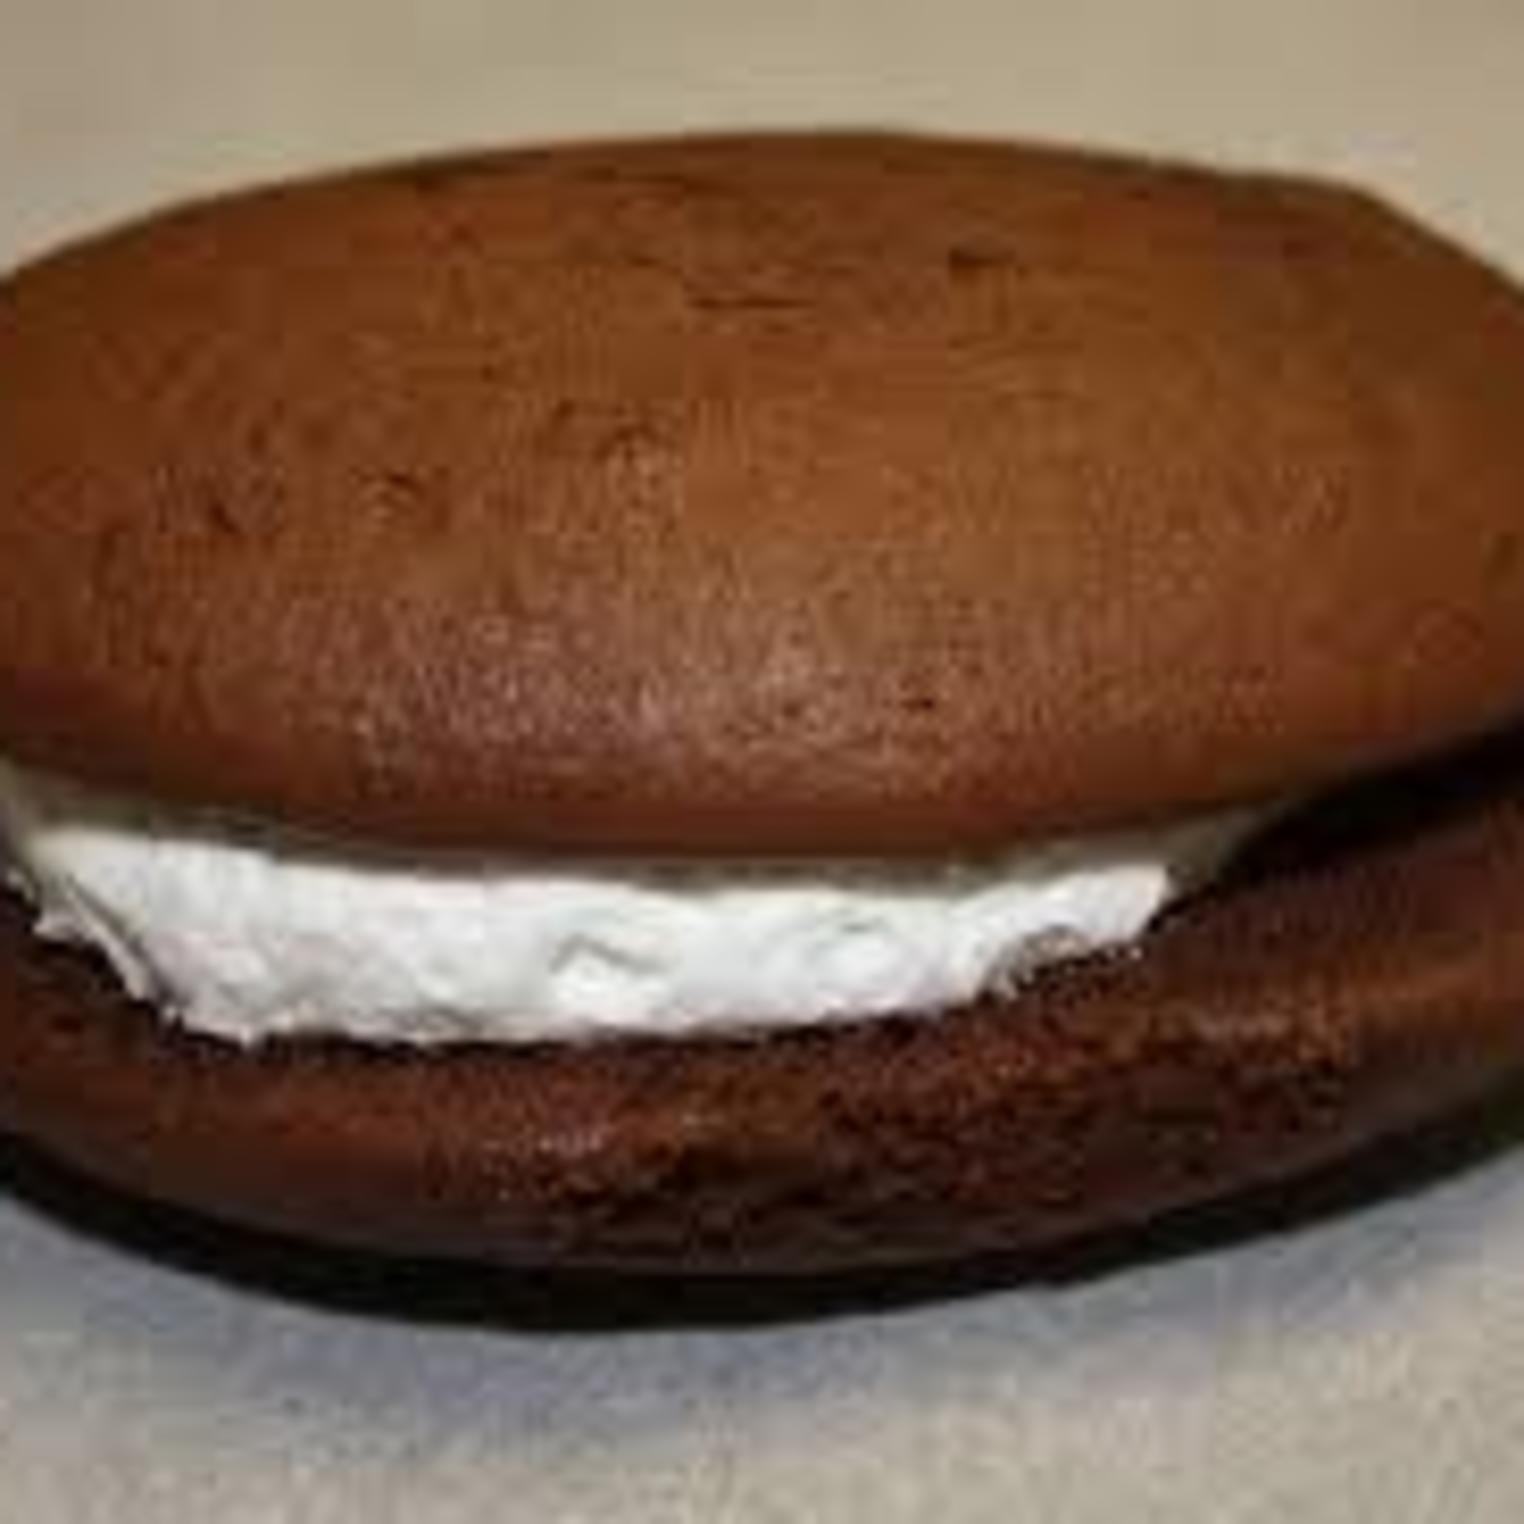 Beeman's Baked Goods Whoopee Pie